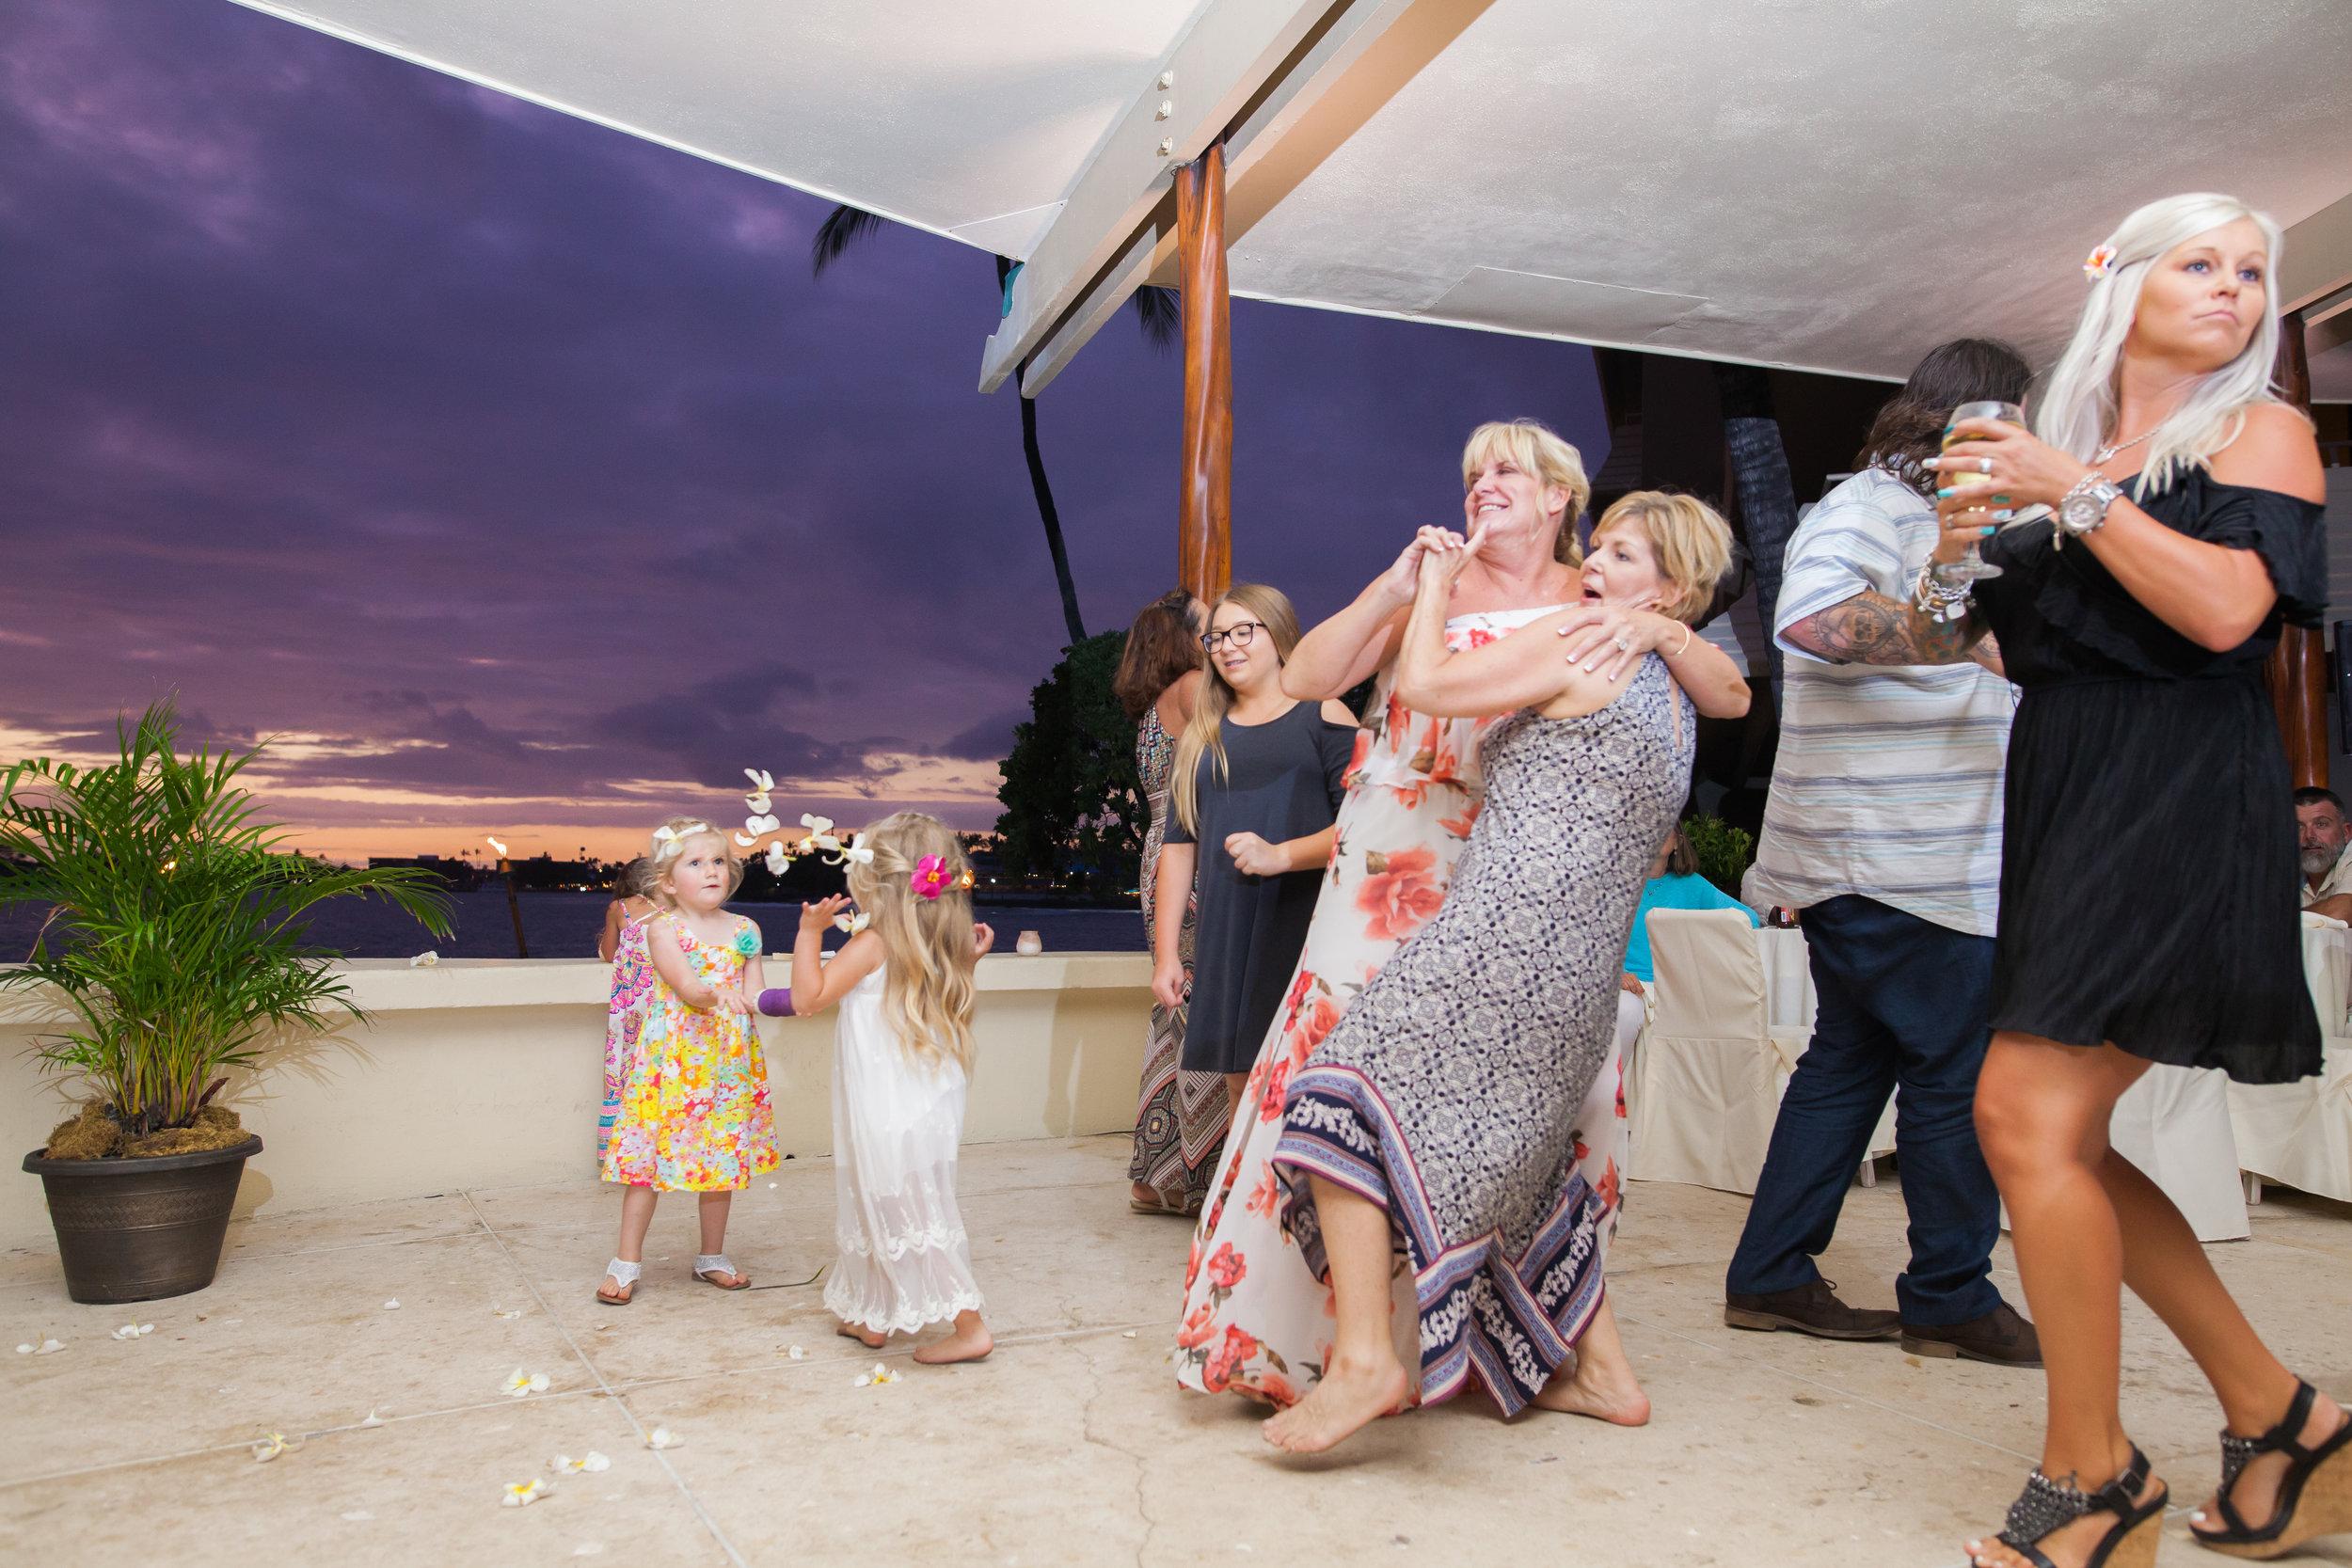 big island hawaii royal kona resort beach wedding © kelilina photography 20170520190904.jpg